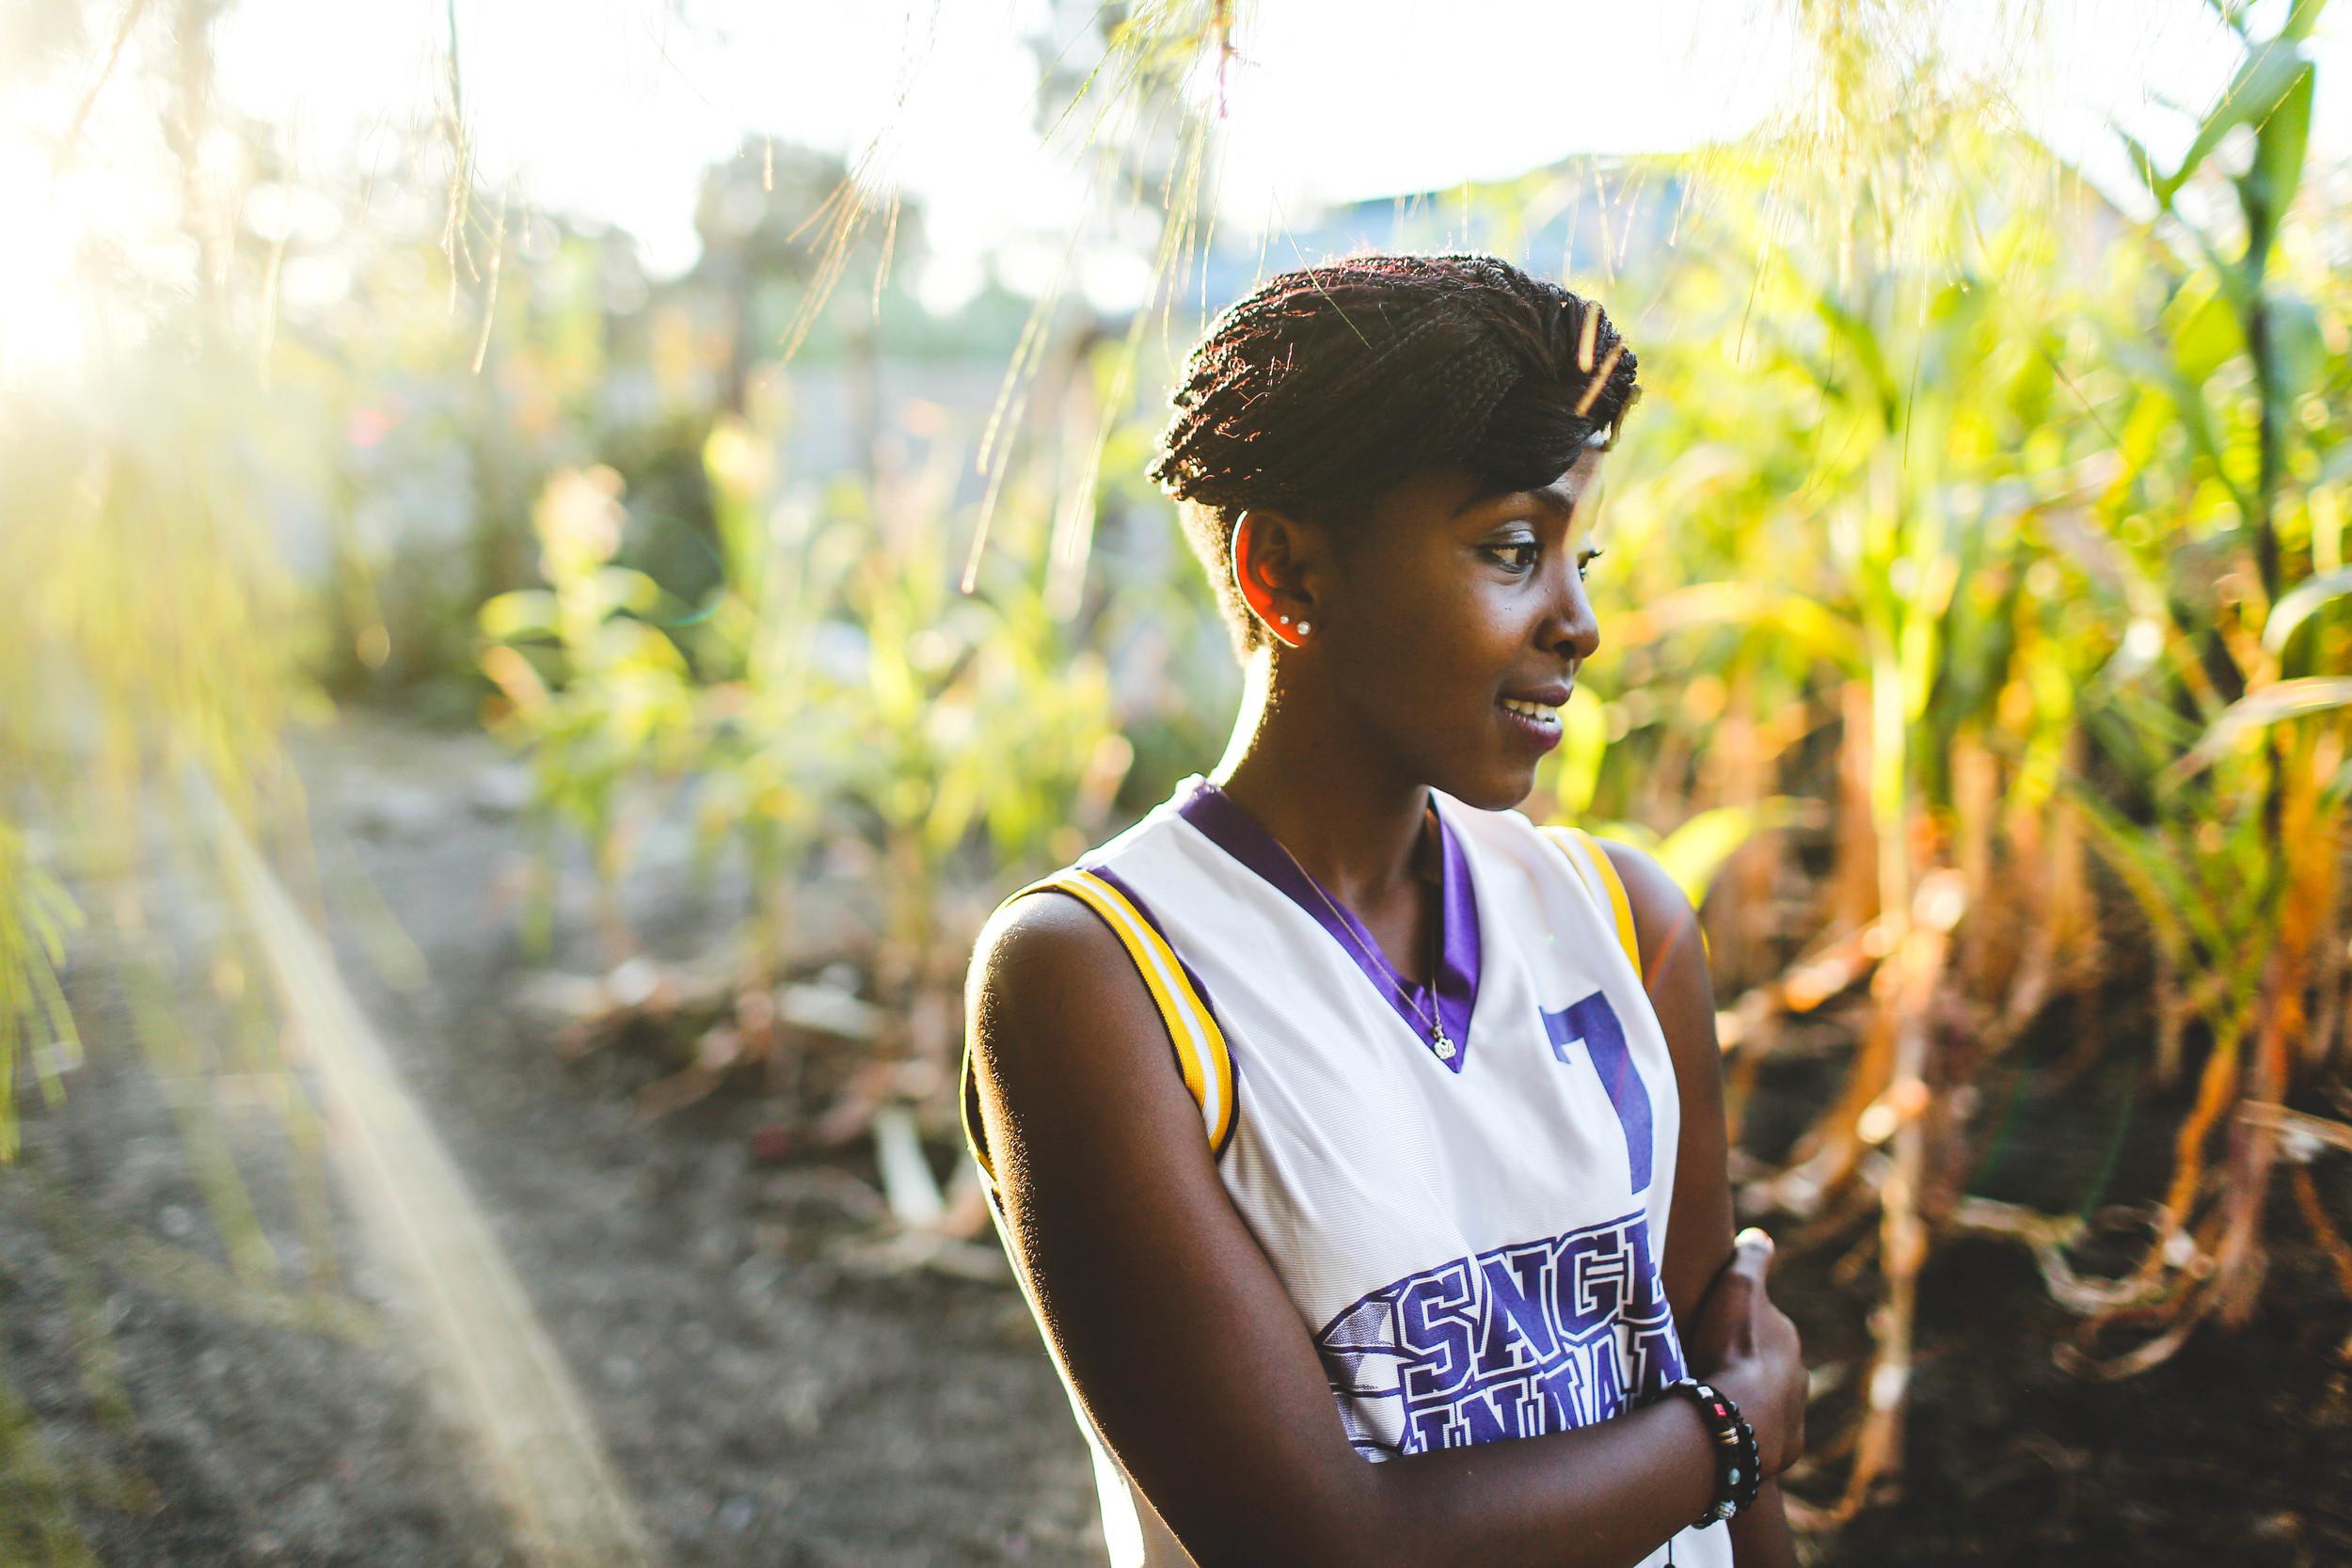 Lydia || SO MANY basketball jerseys